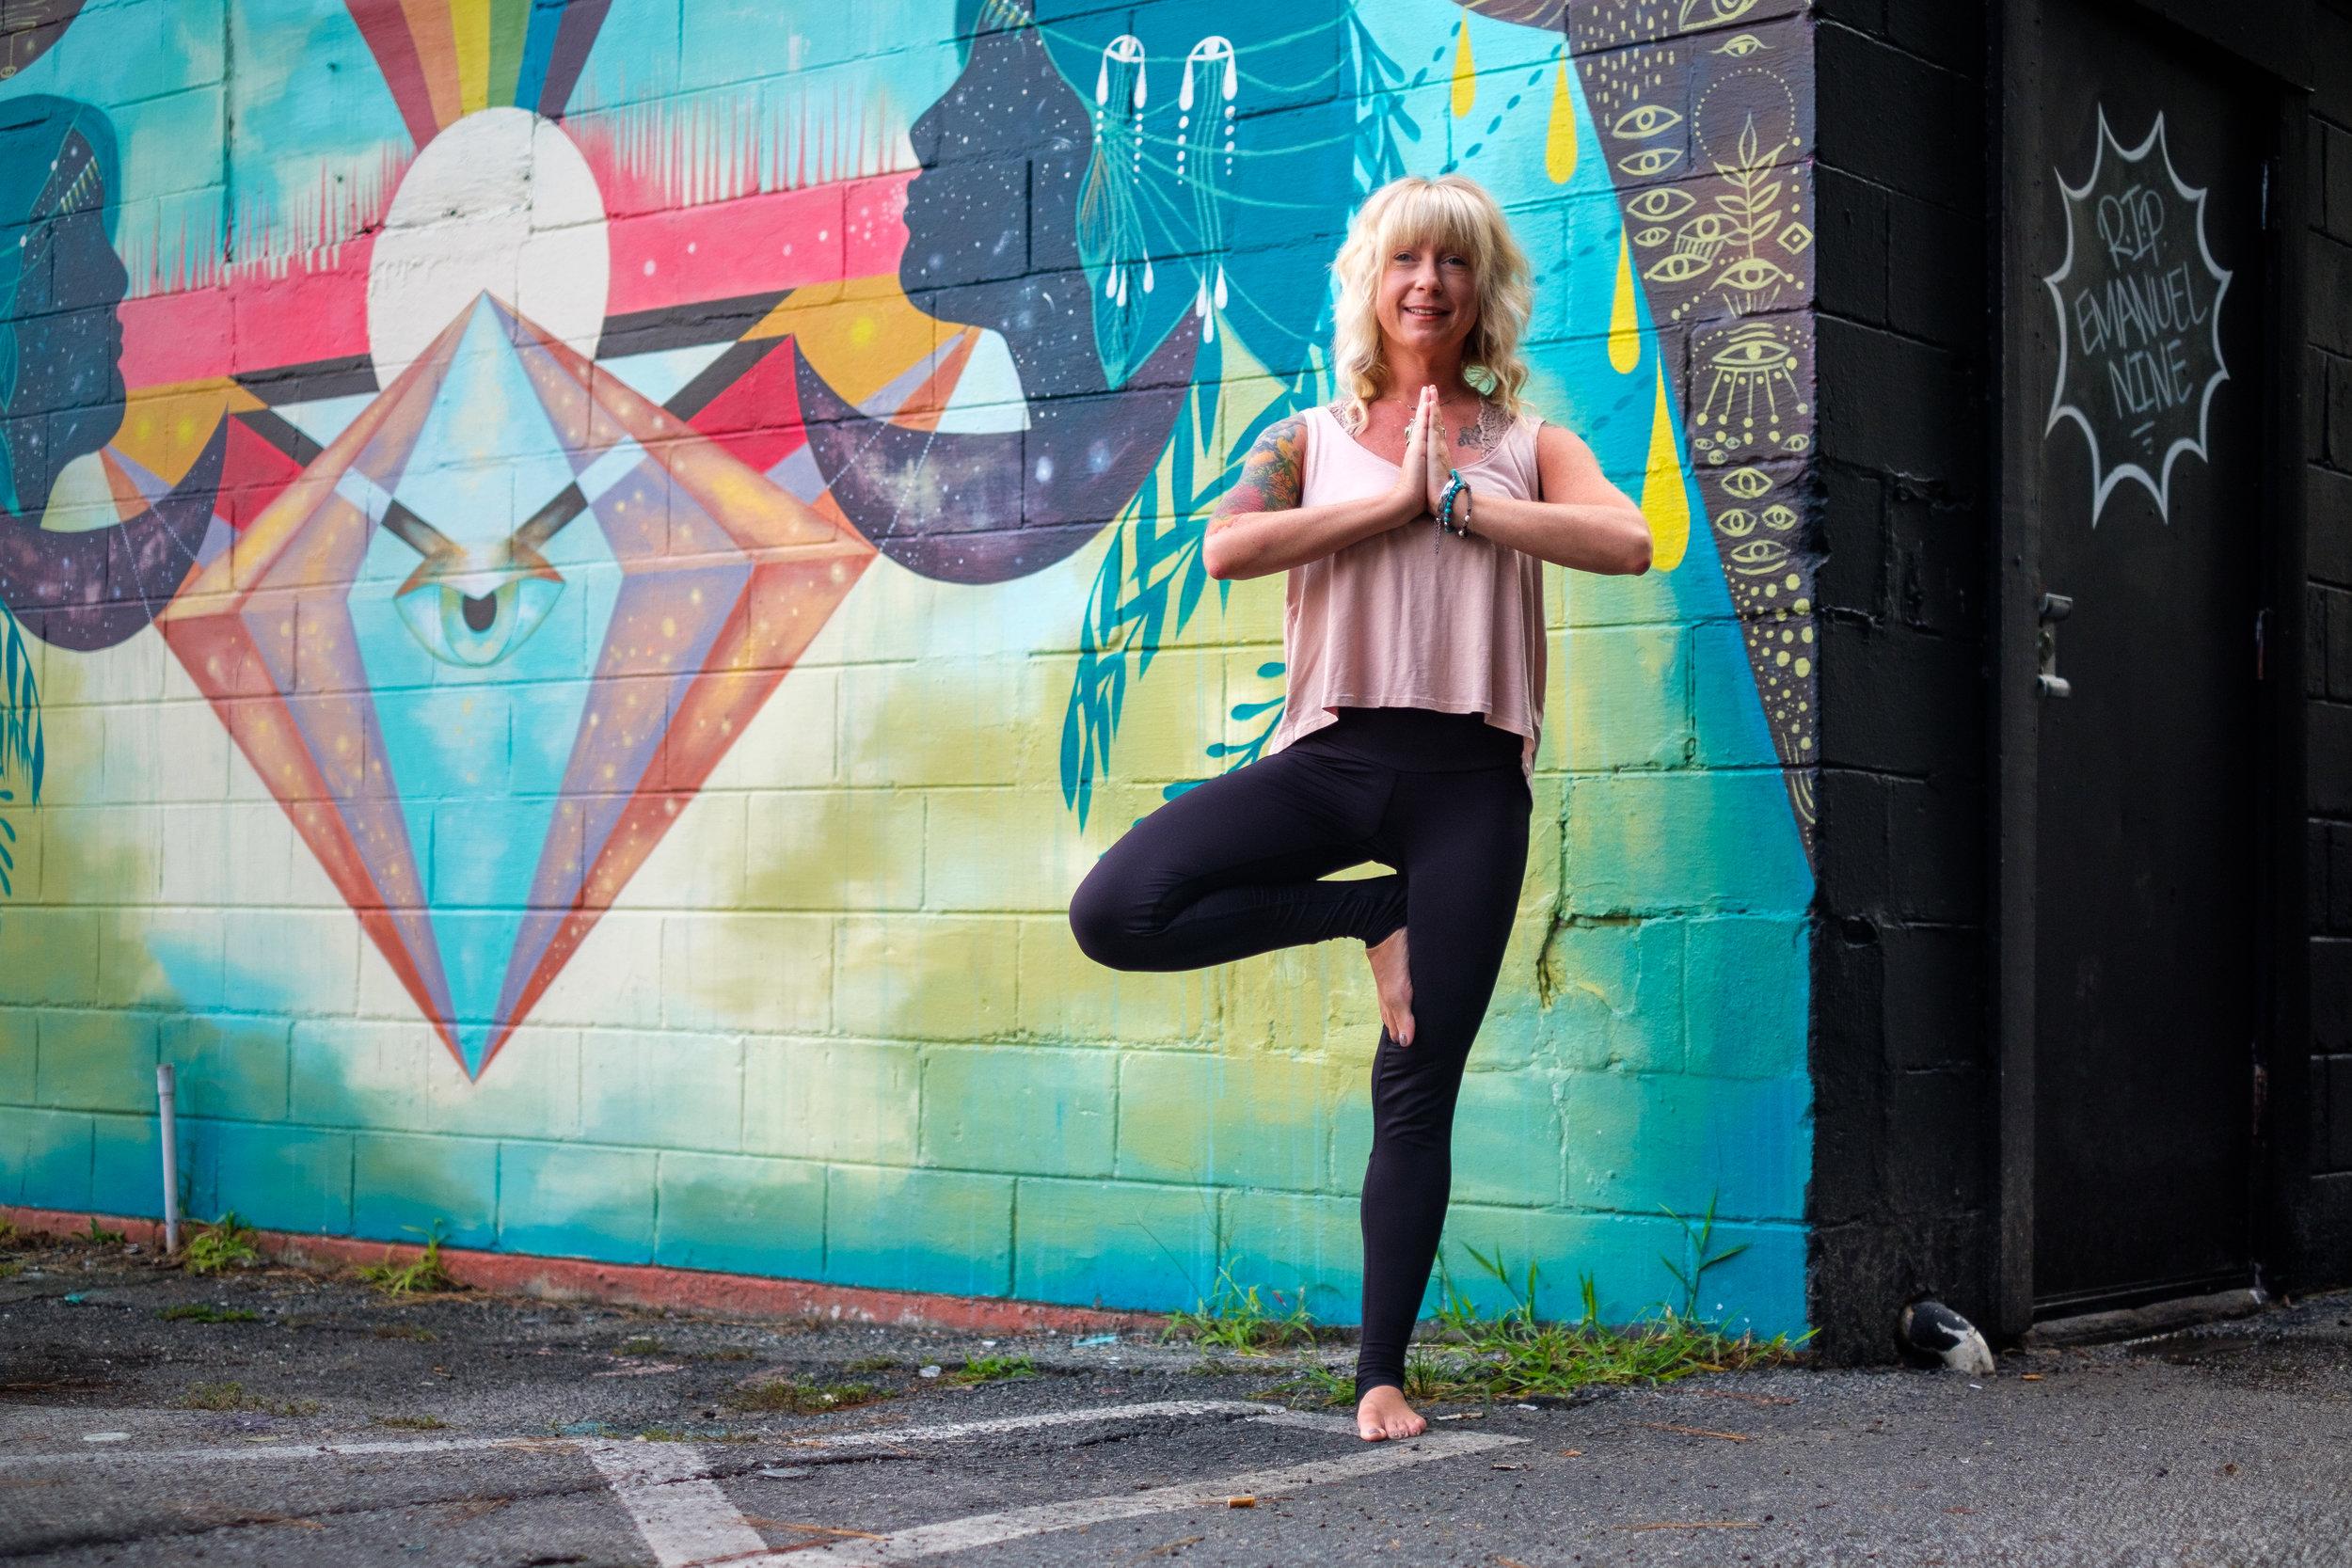 RYT 200, Holy Cow Yoga Center, Charleston, SC  RCYT, Kidding Around Yoga, St. Petersburg, FL